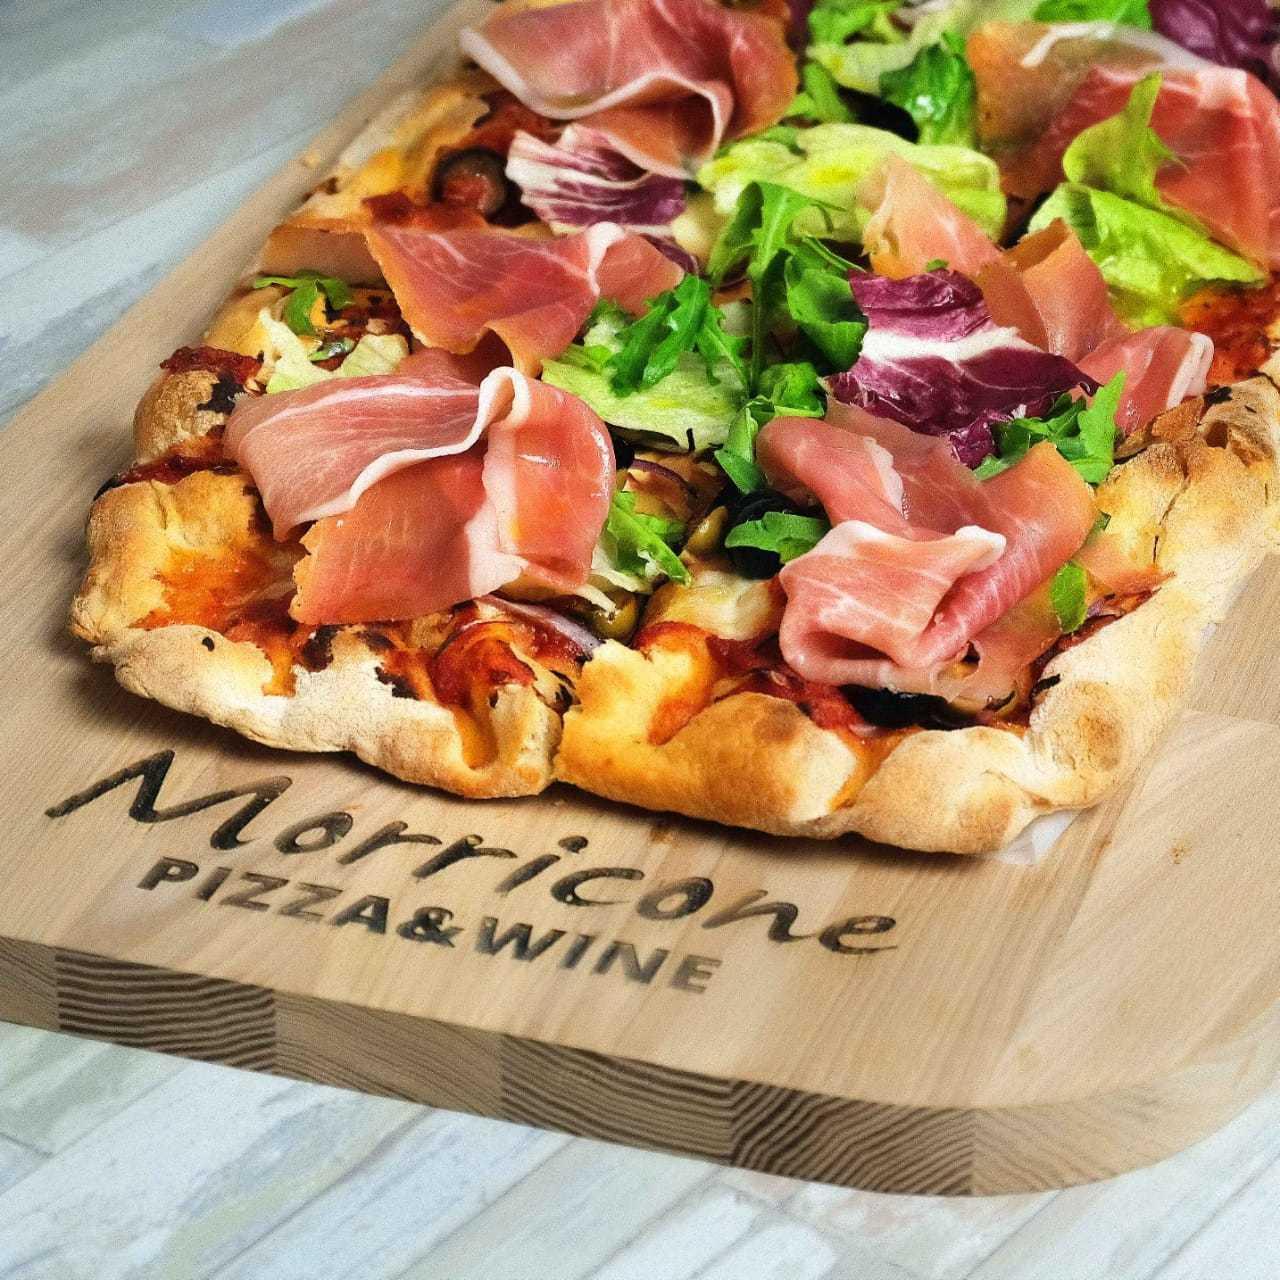 Меню ресторана Morricone pizza & wine (Морриконе пицца и вино) на улице Ленина фото 51